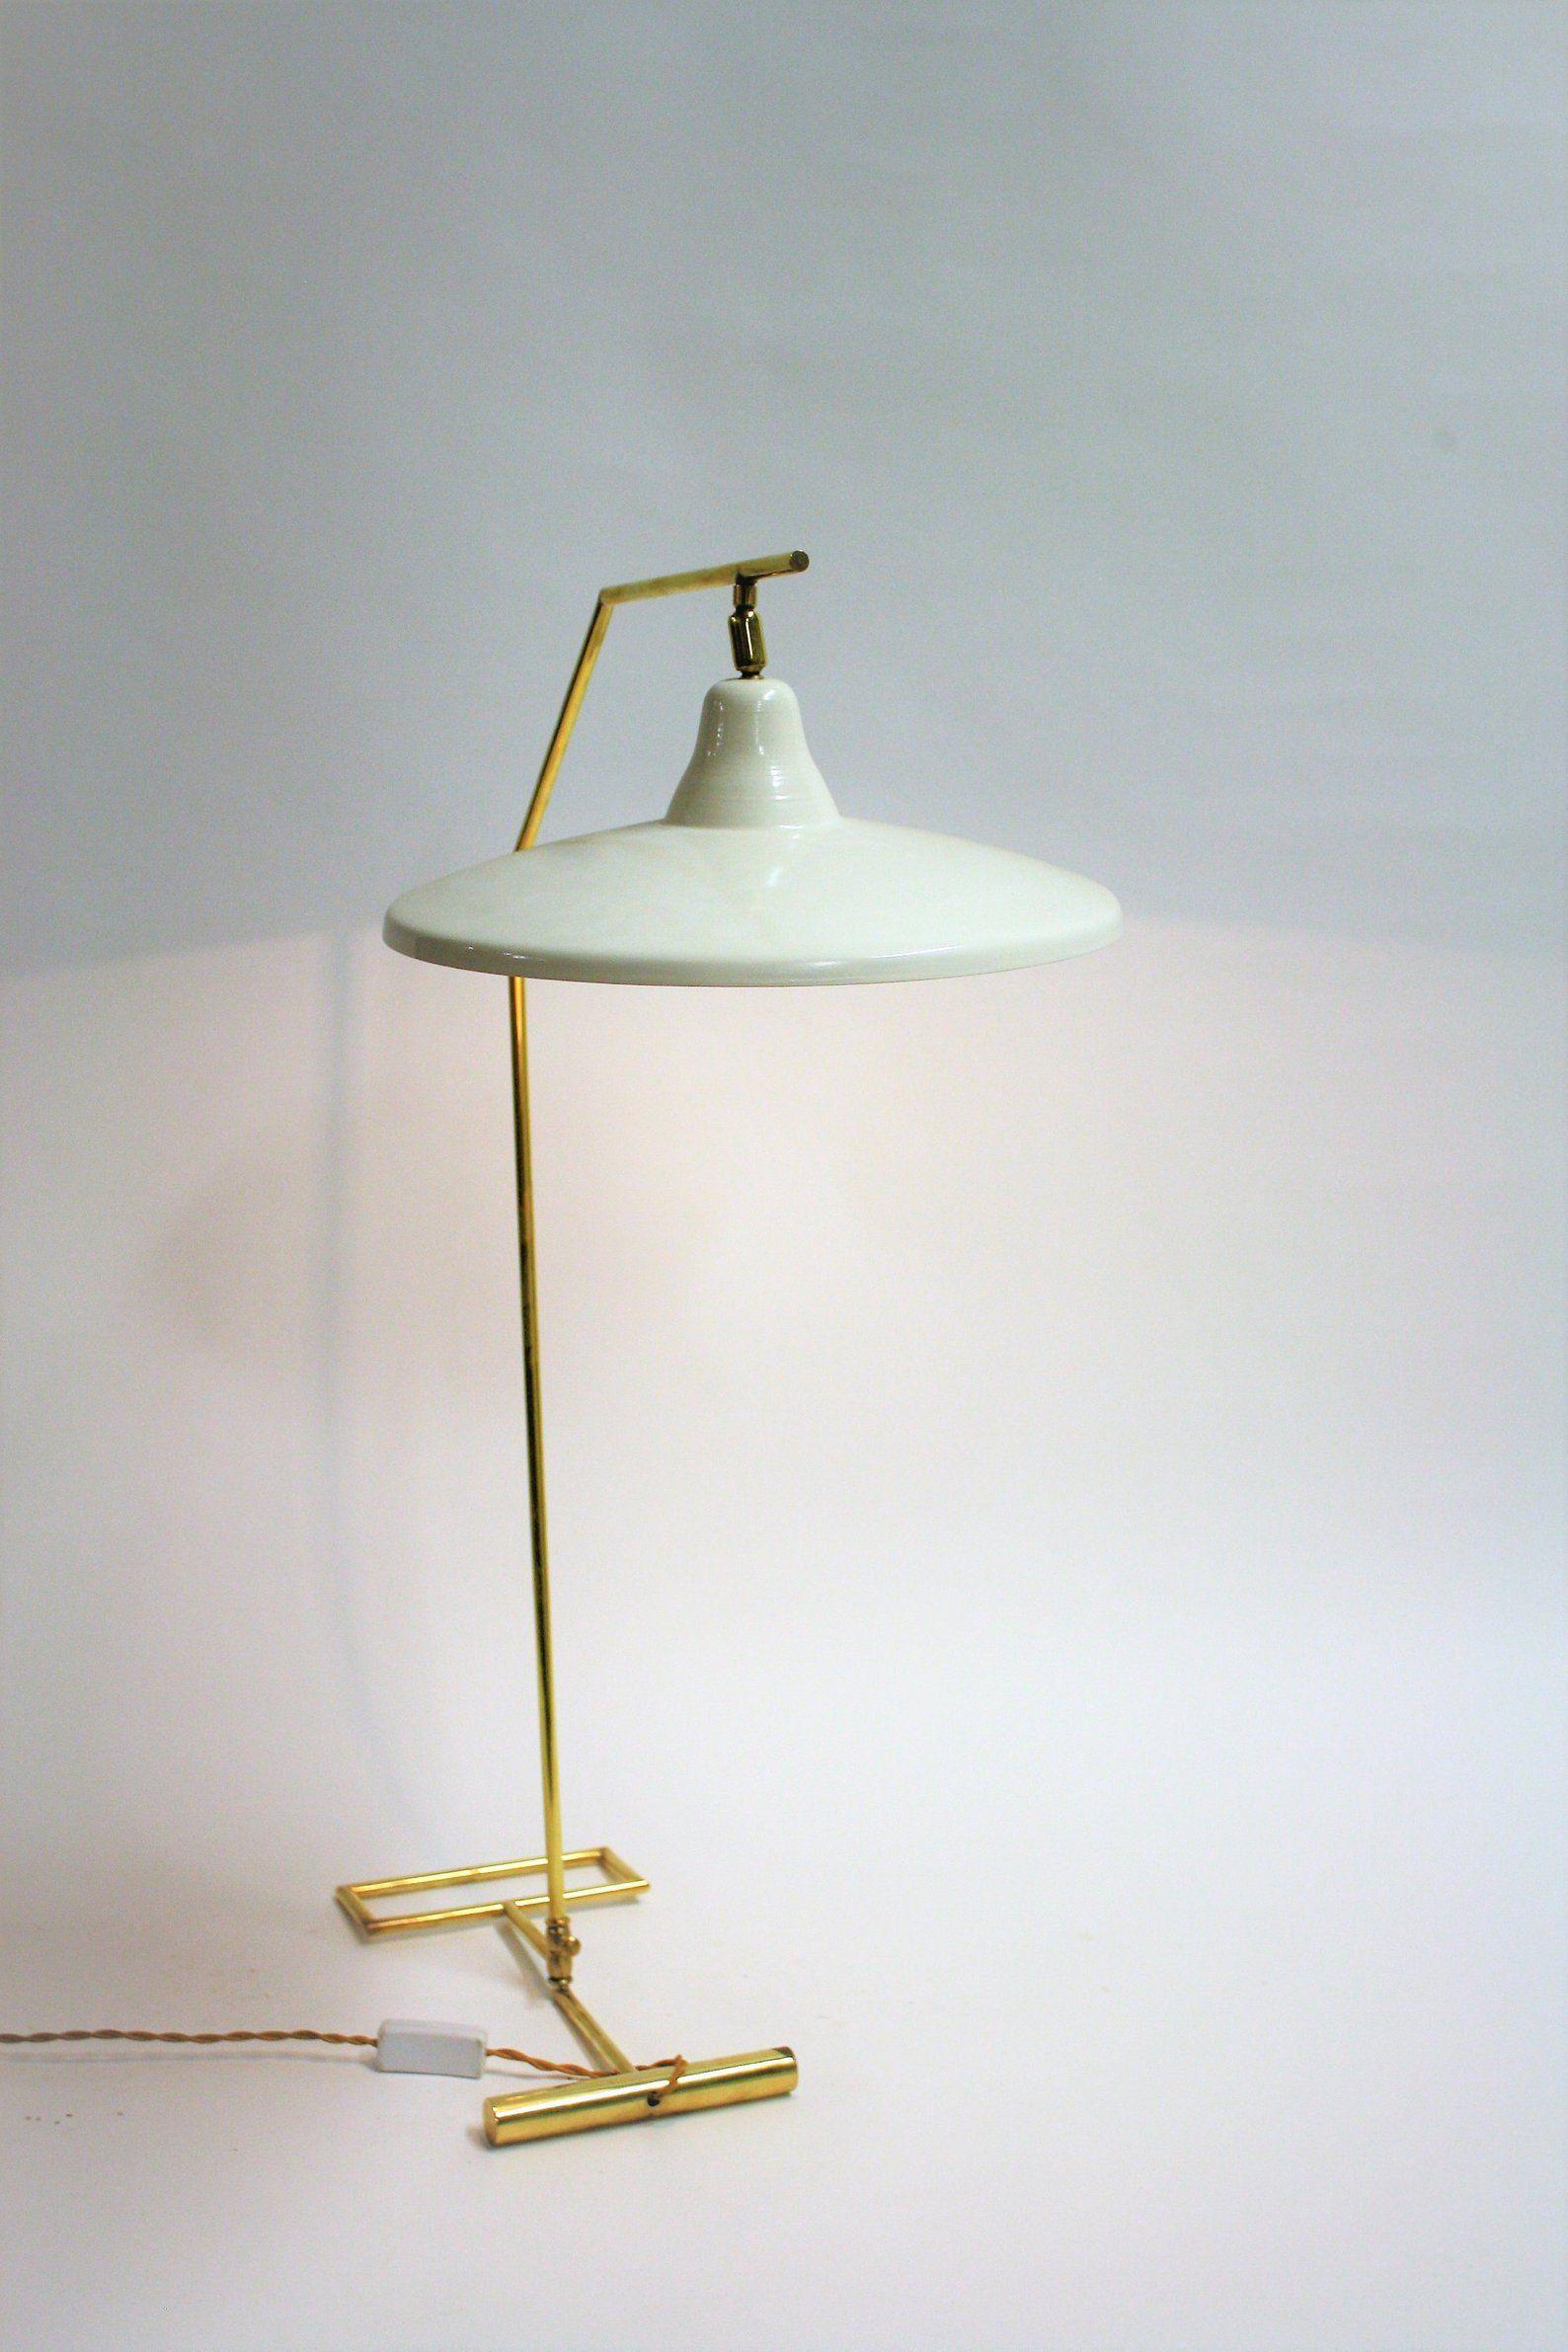 Vintage Italian Desk Lamp Or Floor Lamp 1950s Mid Century White Desk Lamps Italian Floor Lamp Desk Lamp